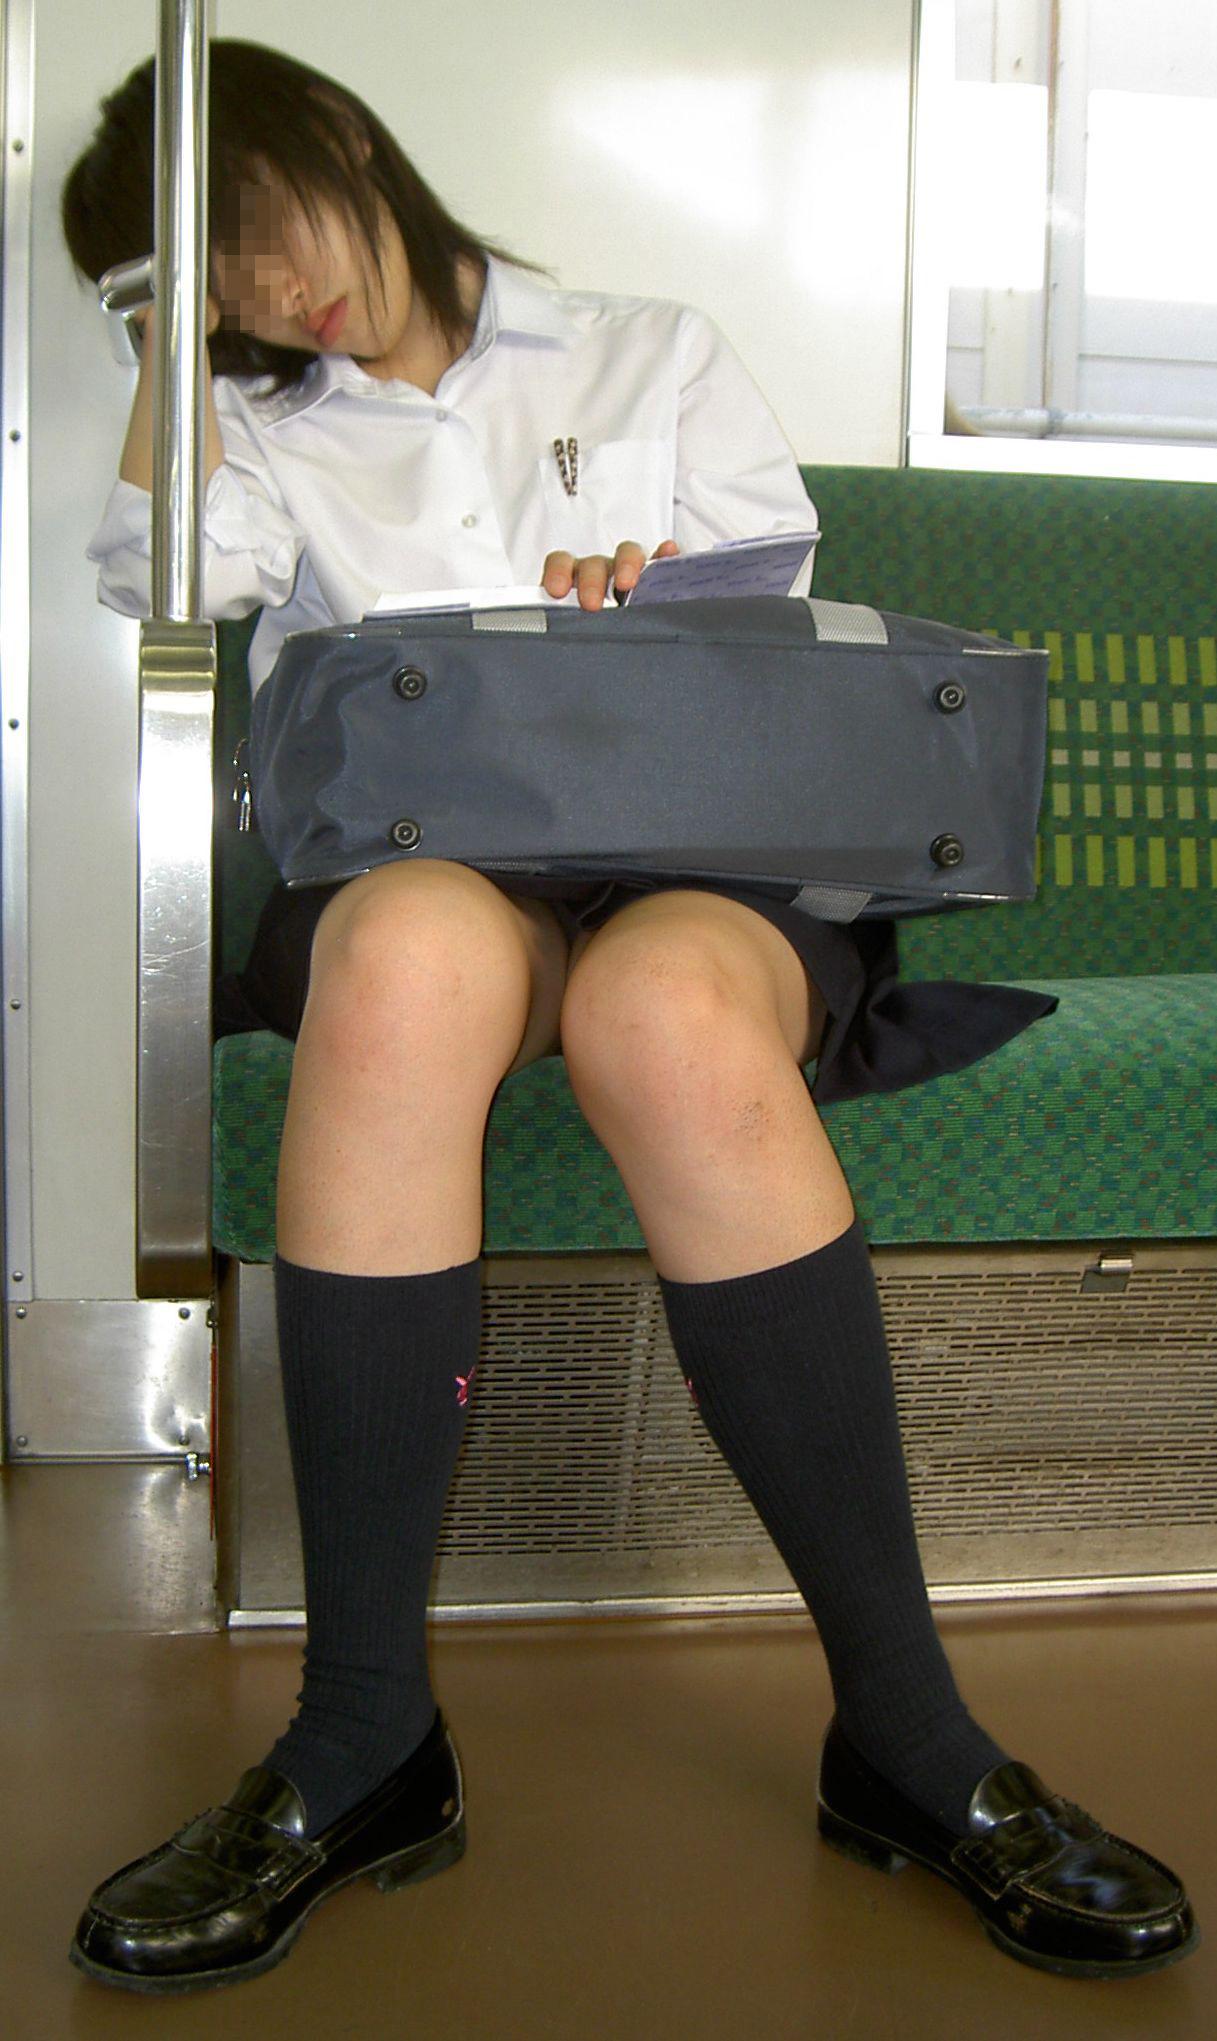 【パンチラエロ画像】対面さえとれば後はこっそり…電車内のパンチラ観察www 28